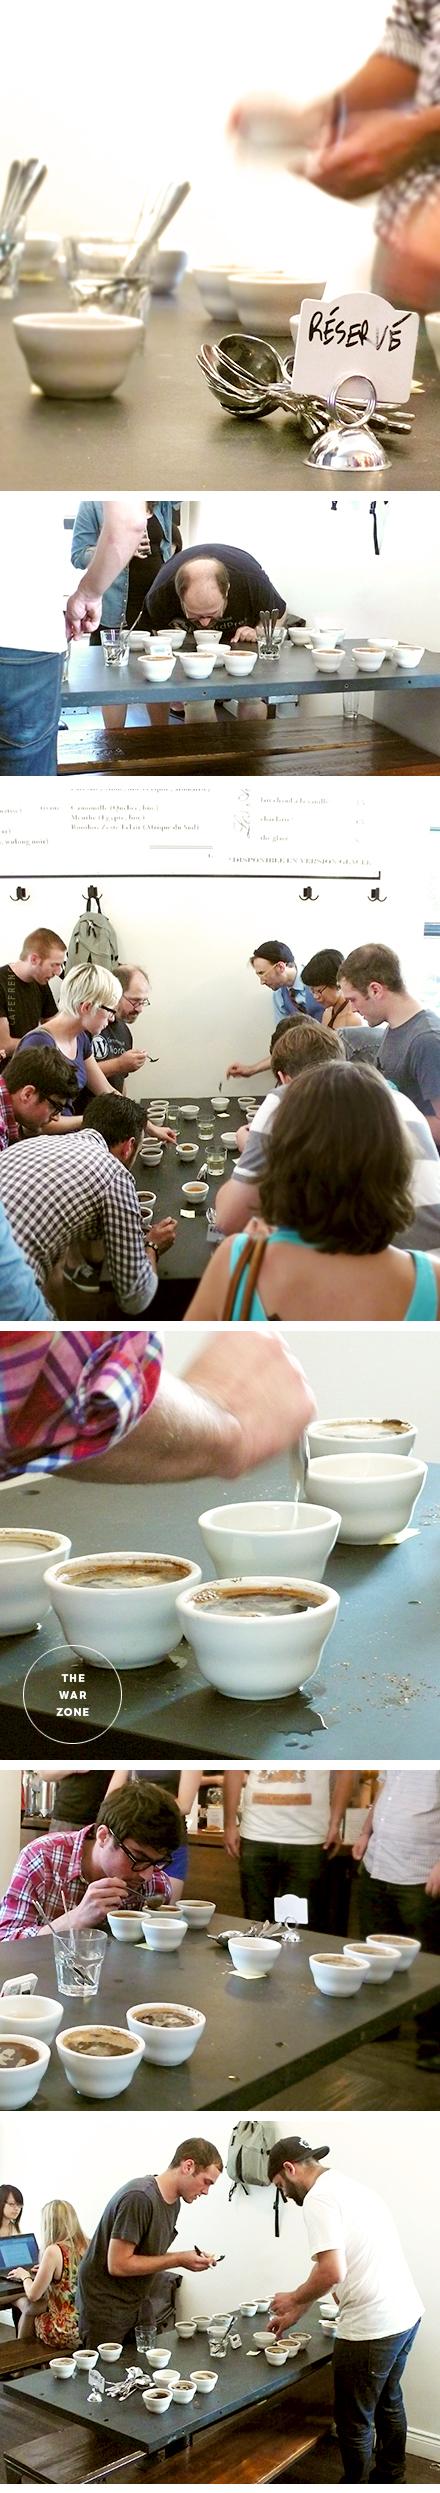 28-08-13-CafeFrenchToast-PennyArcadeno01-02